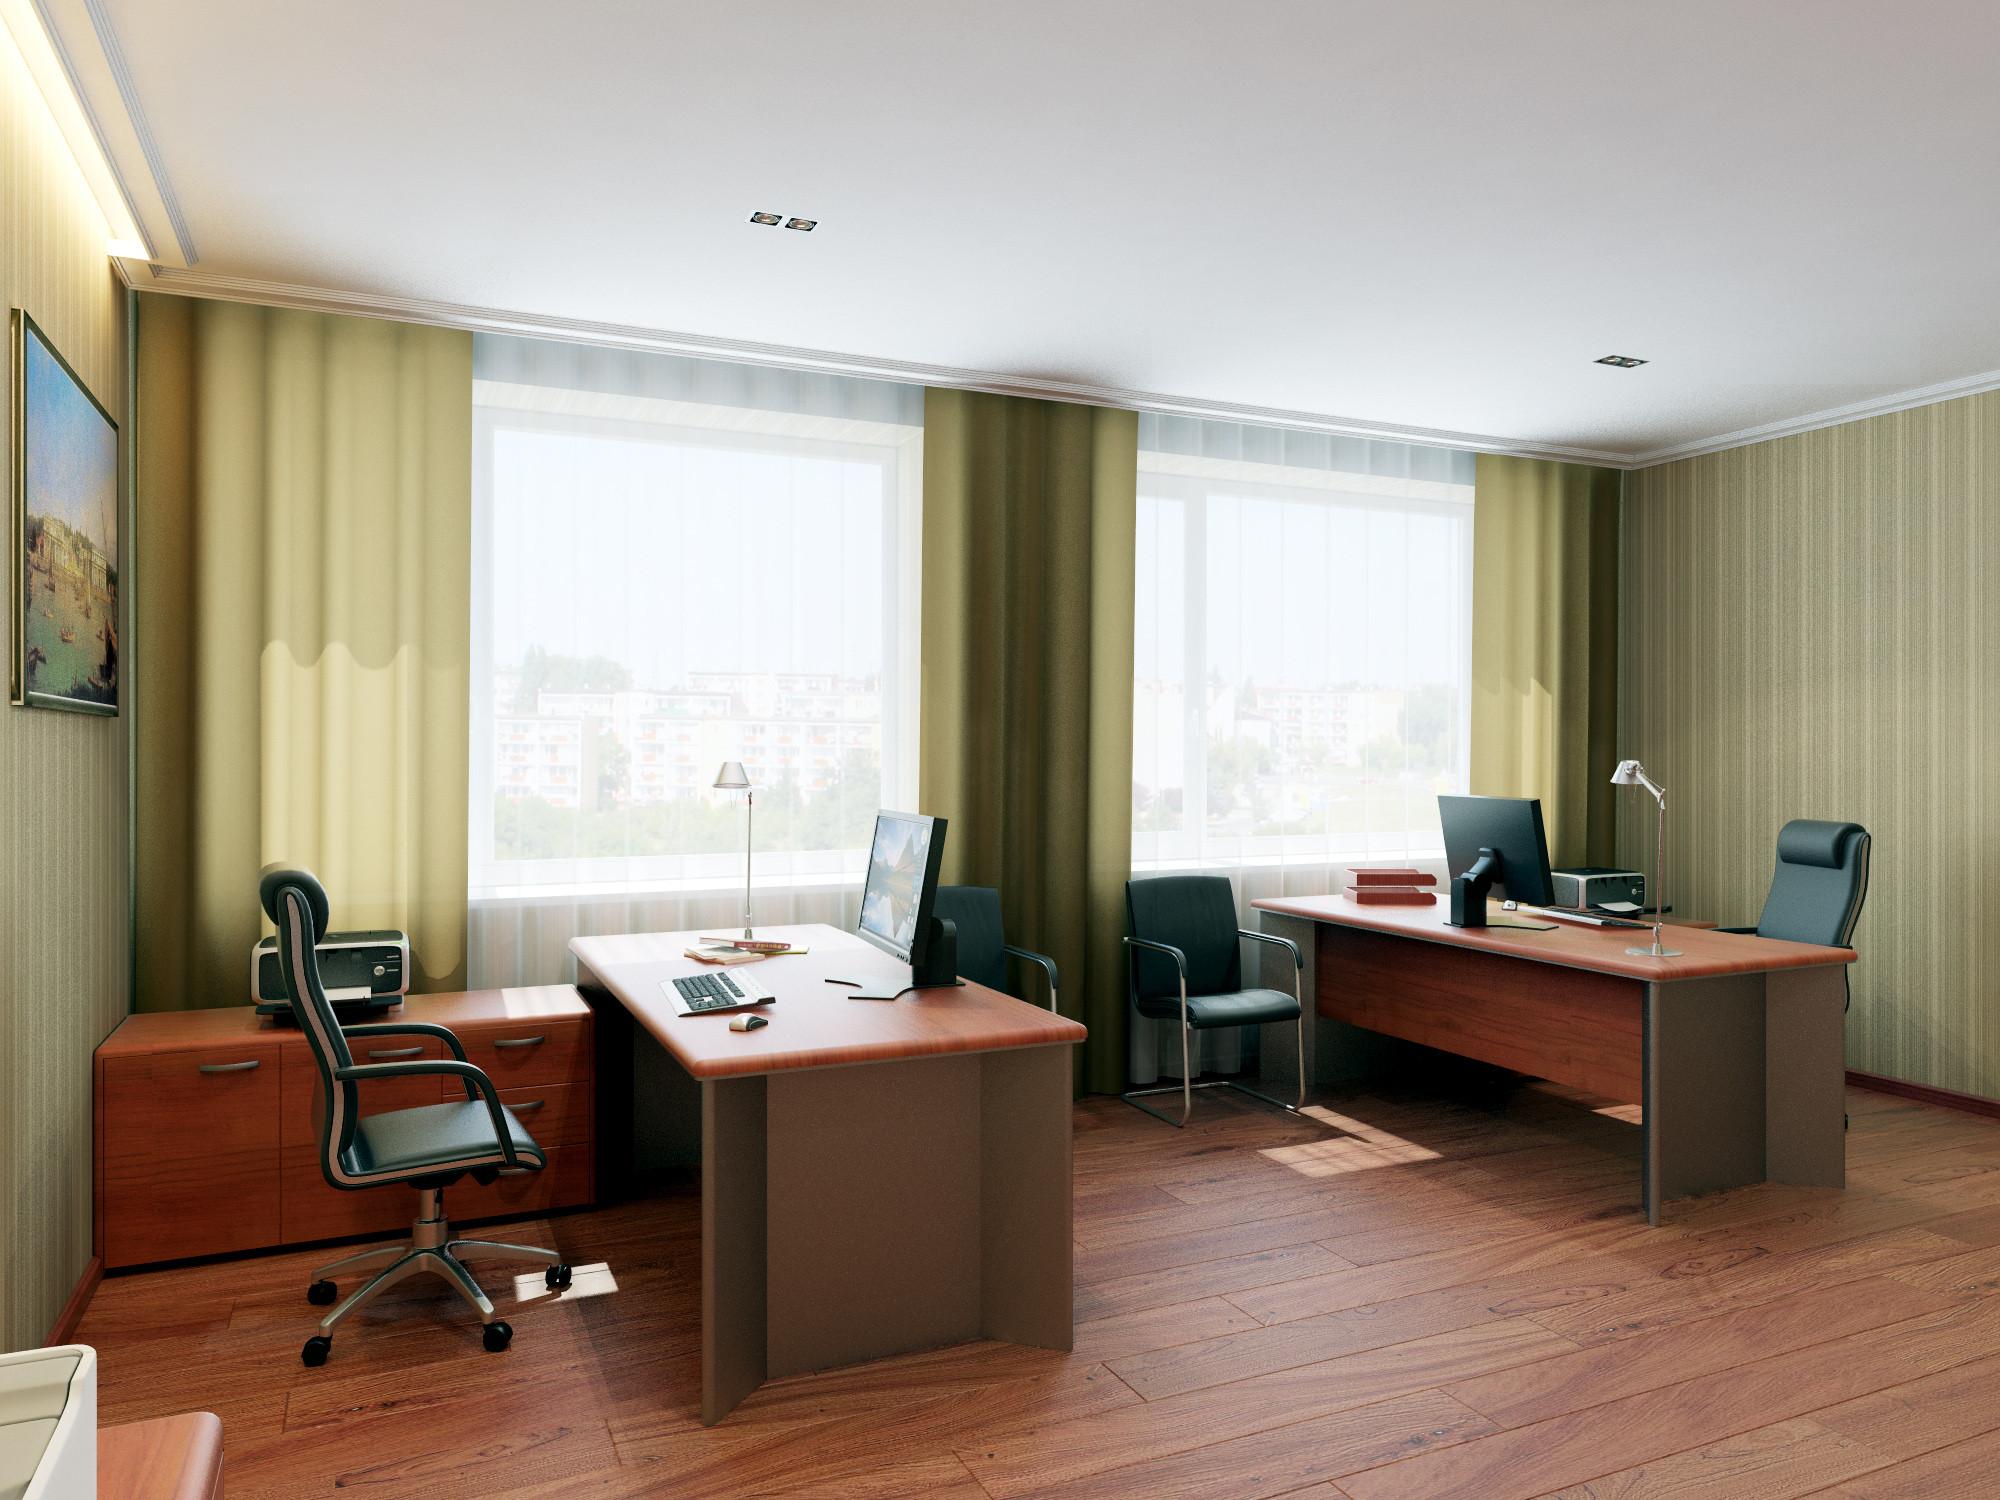 office interior2.jpg